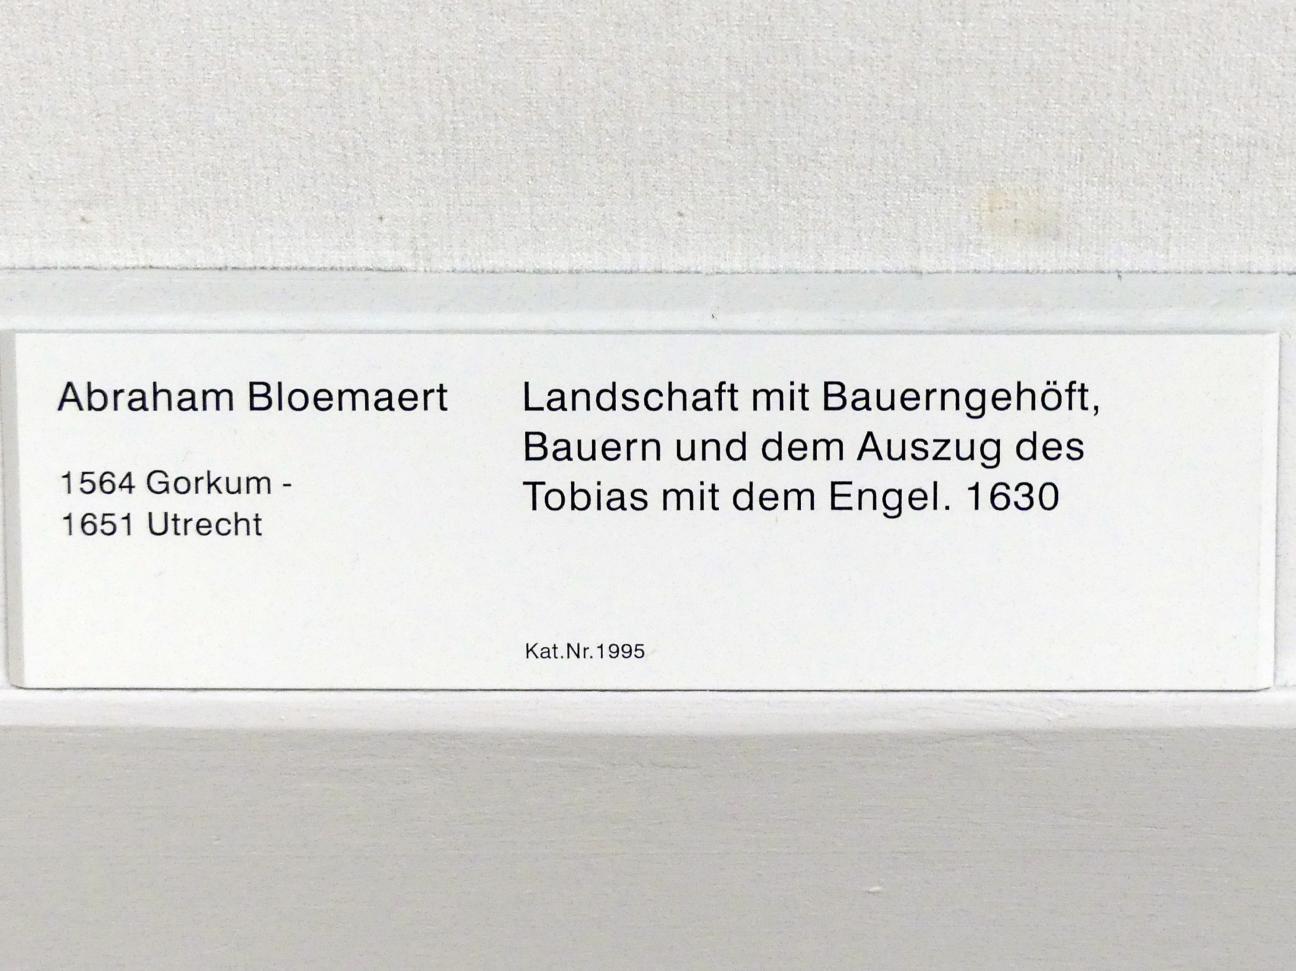 Abraham Bloemaert: Landschaft mit Bauerngehöft, Bauern und dem Auszug des Tobias mit dem Engel, 1630